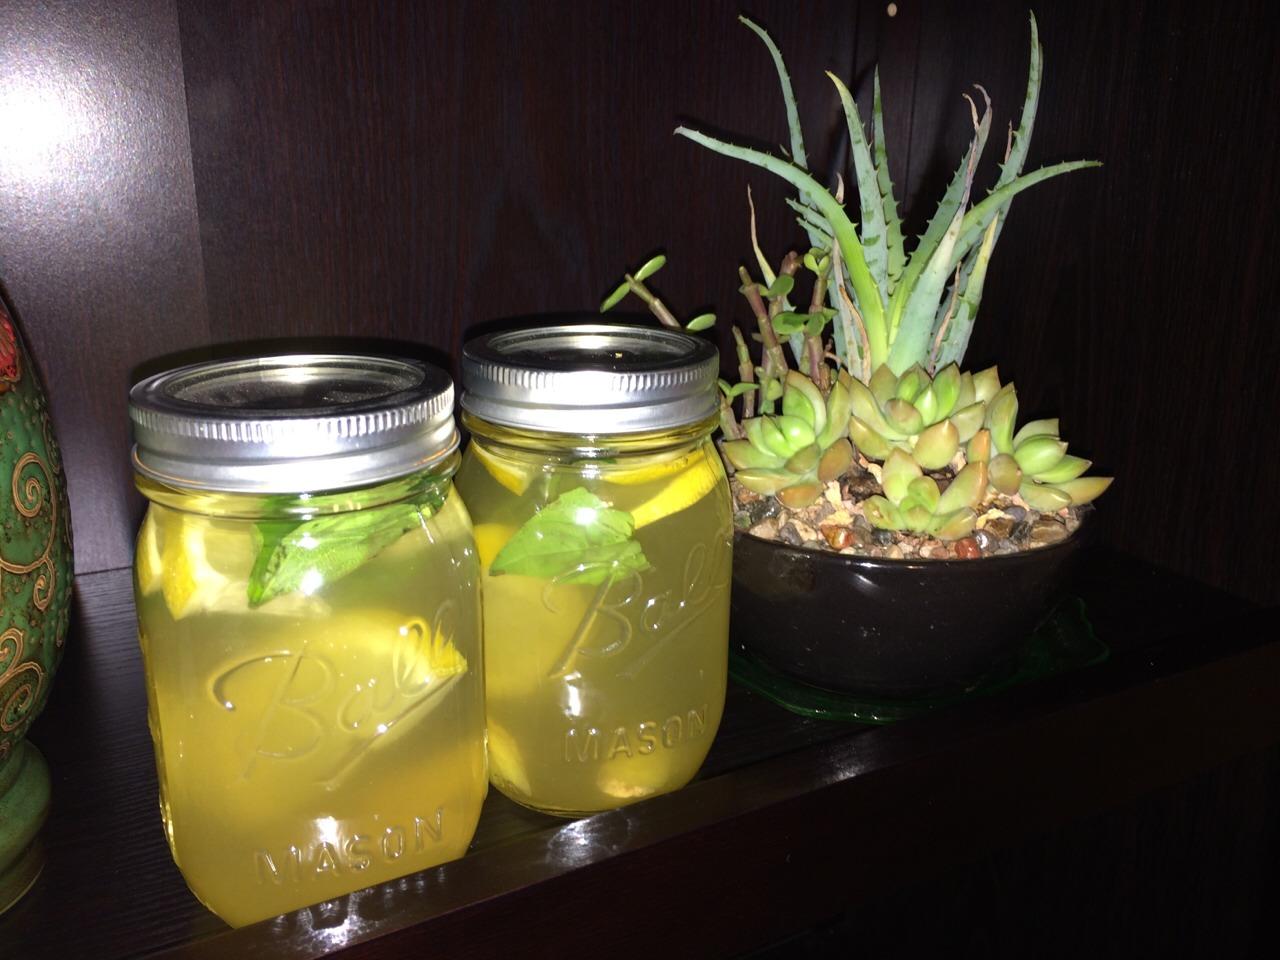 Lemon, Fresh Basil & Sliced Ginger infused water